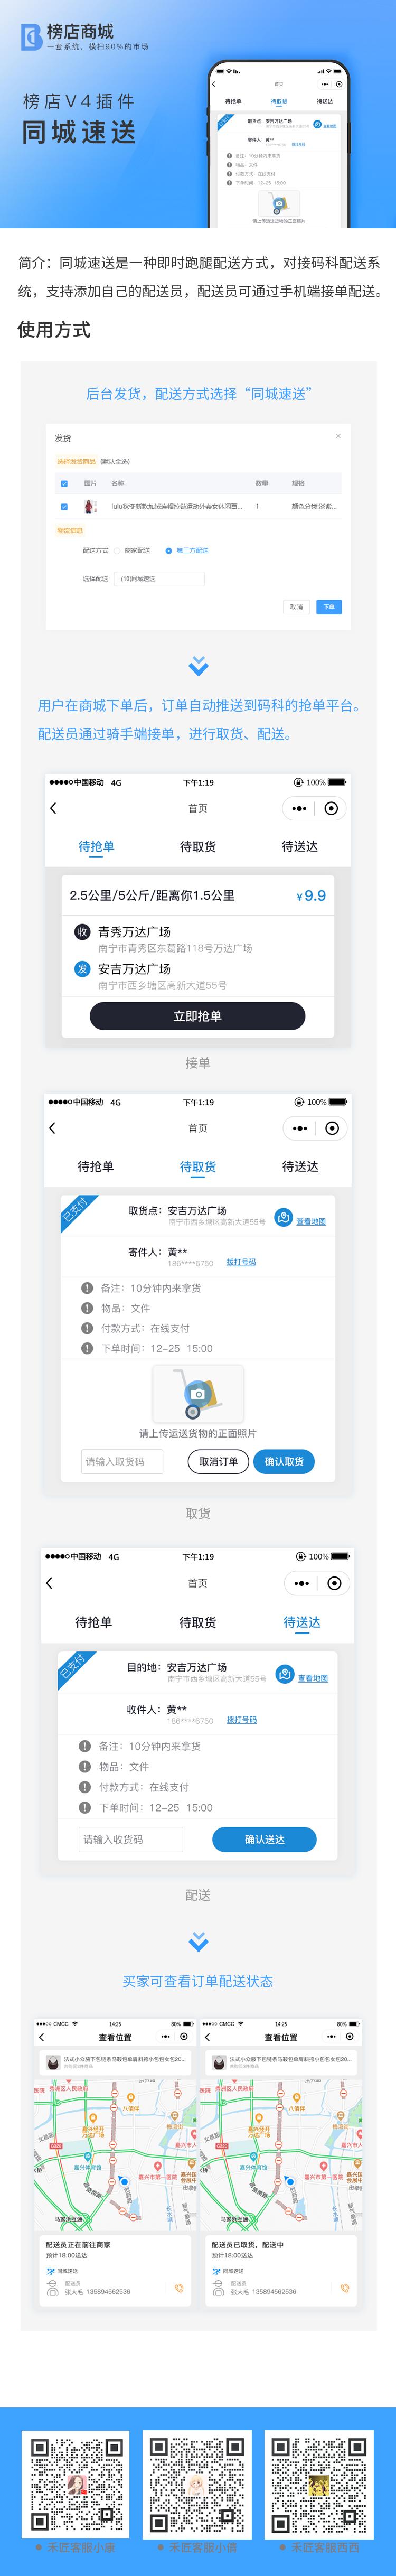 同城速送宣传图(2).png